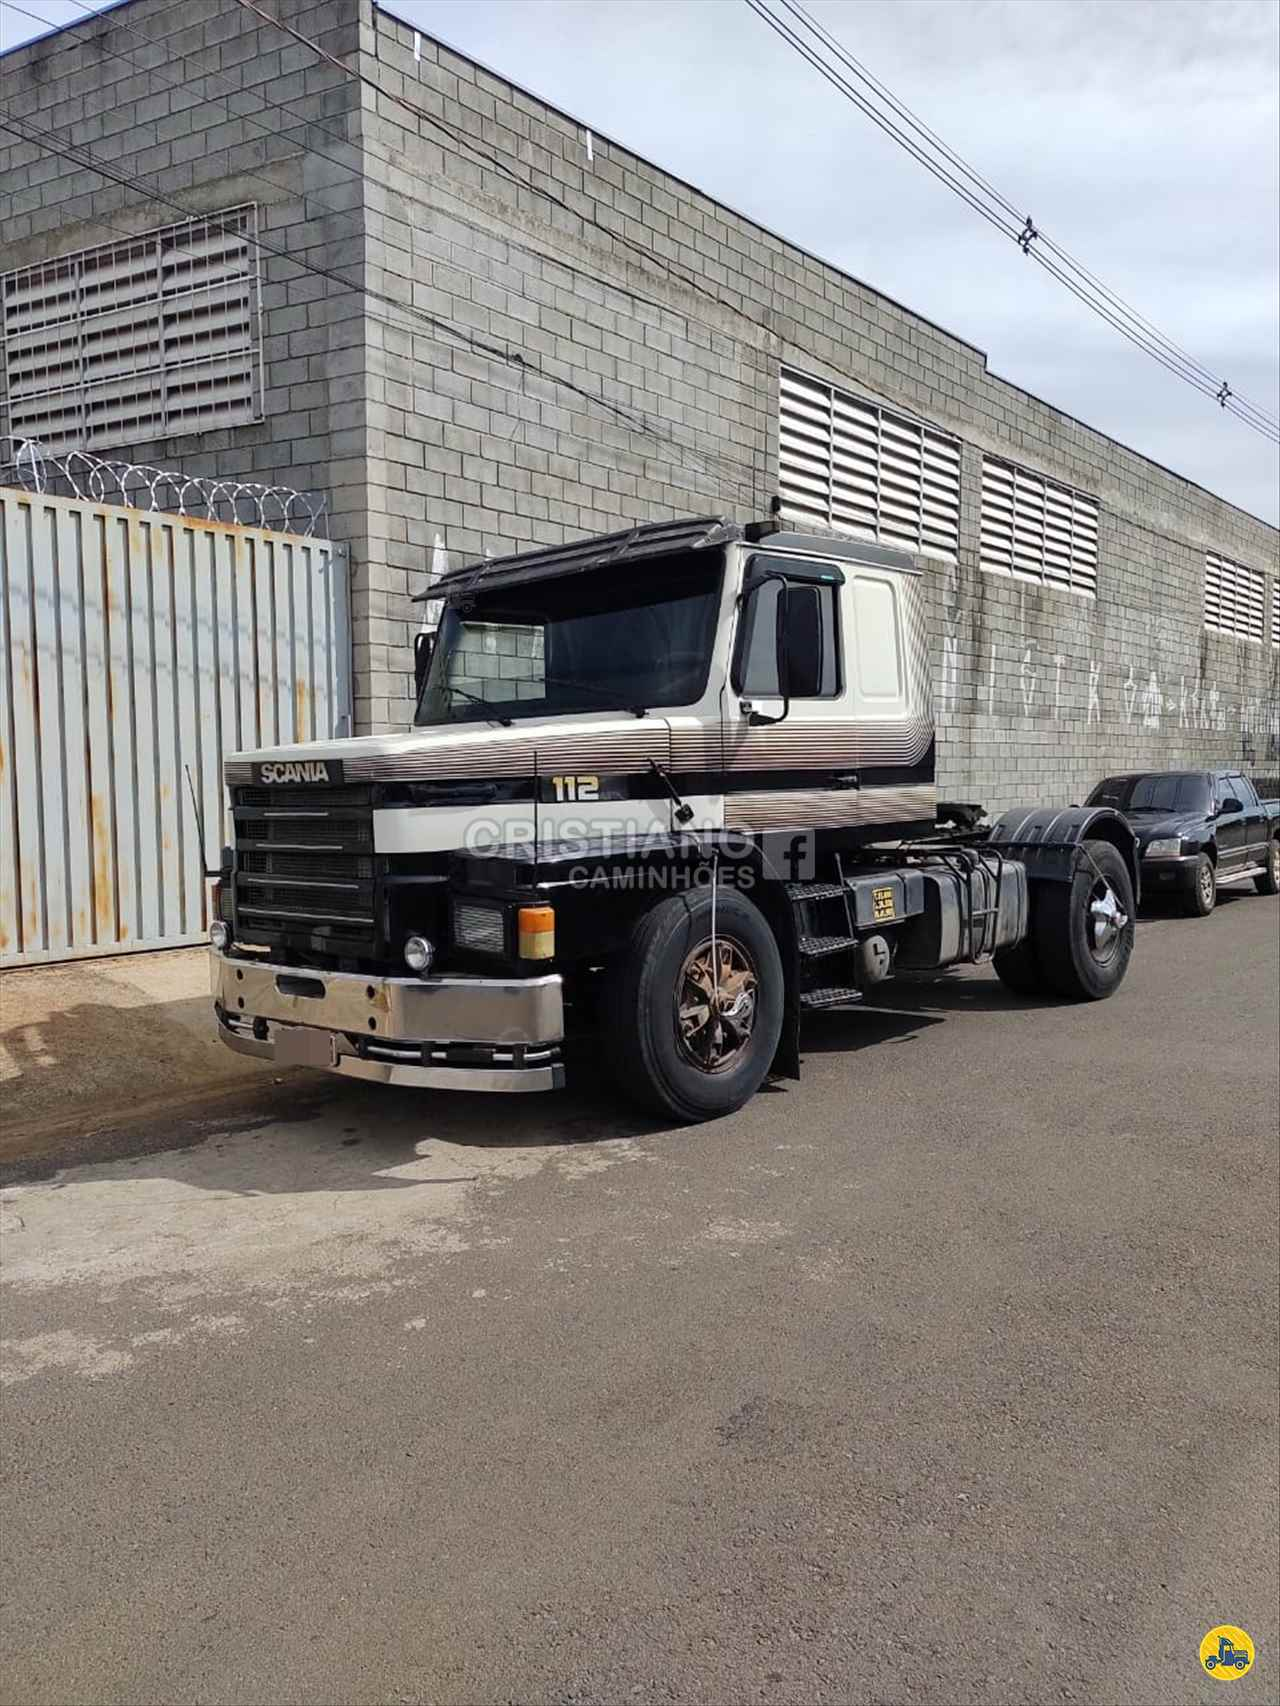 CAMINHAO SCANIA SCANIA 112 360 Cavalo Mecânico Toco 4x2 Cristiano Caminhões e Carretas SAO JOSE DO RIO PARDO SÃO PAULO SP